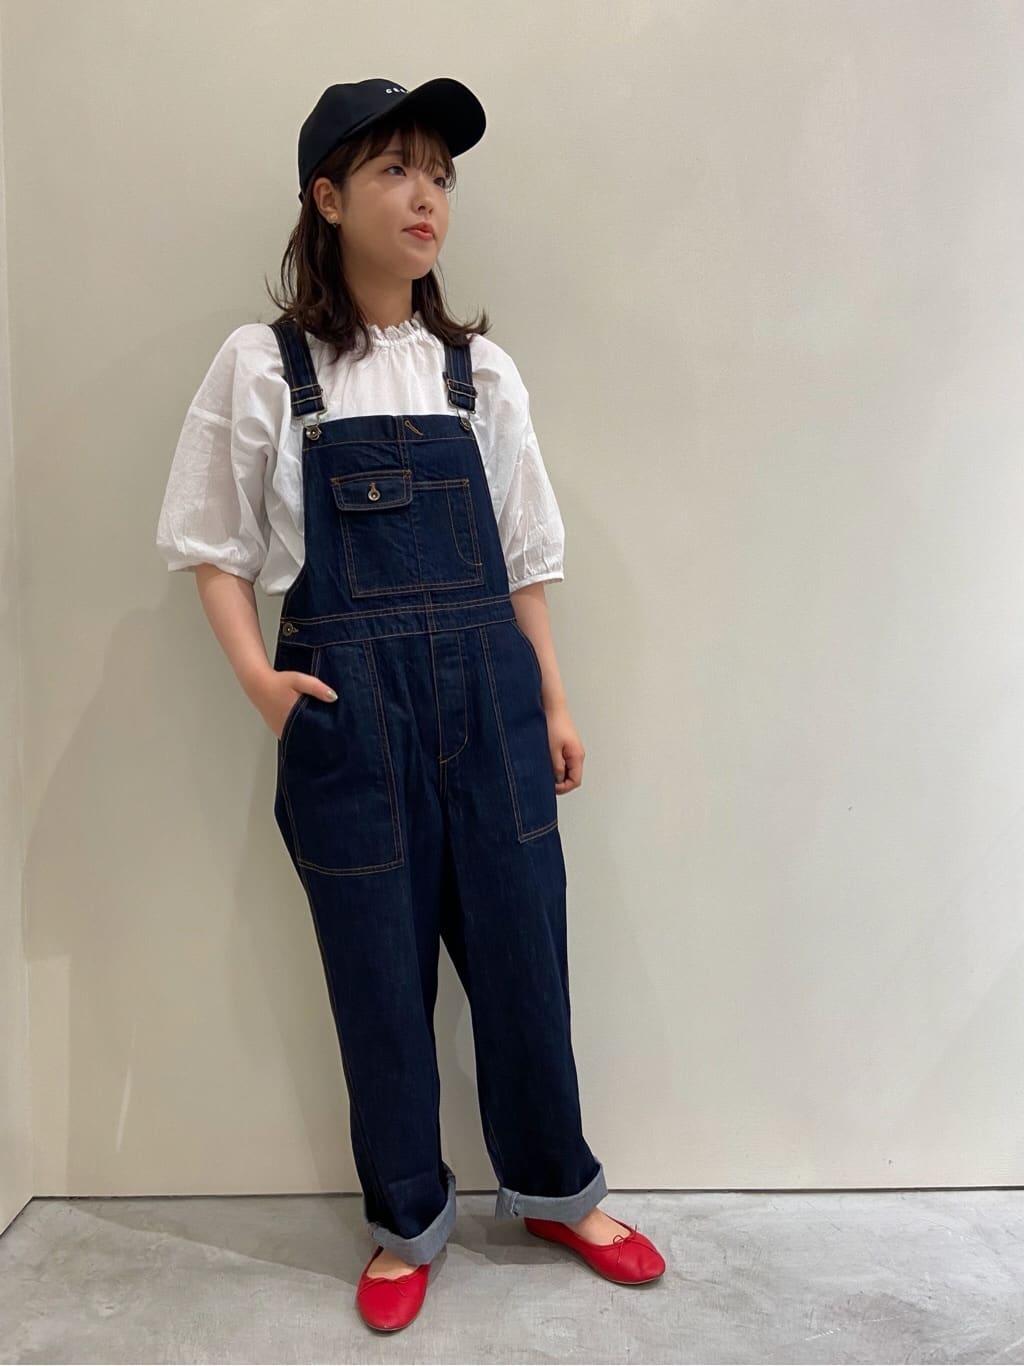 CHILD WOMAN , PAR ICI 新宿ミロード 2021.06.29